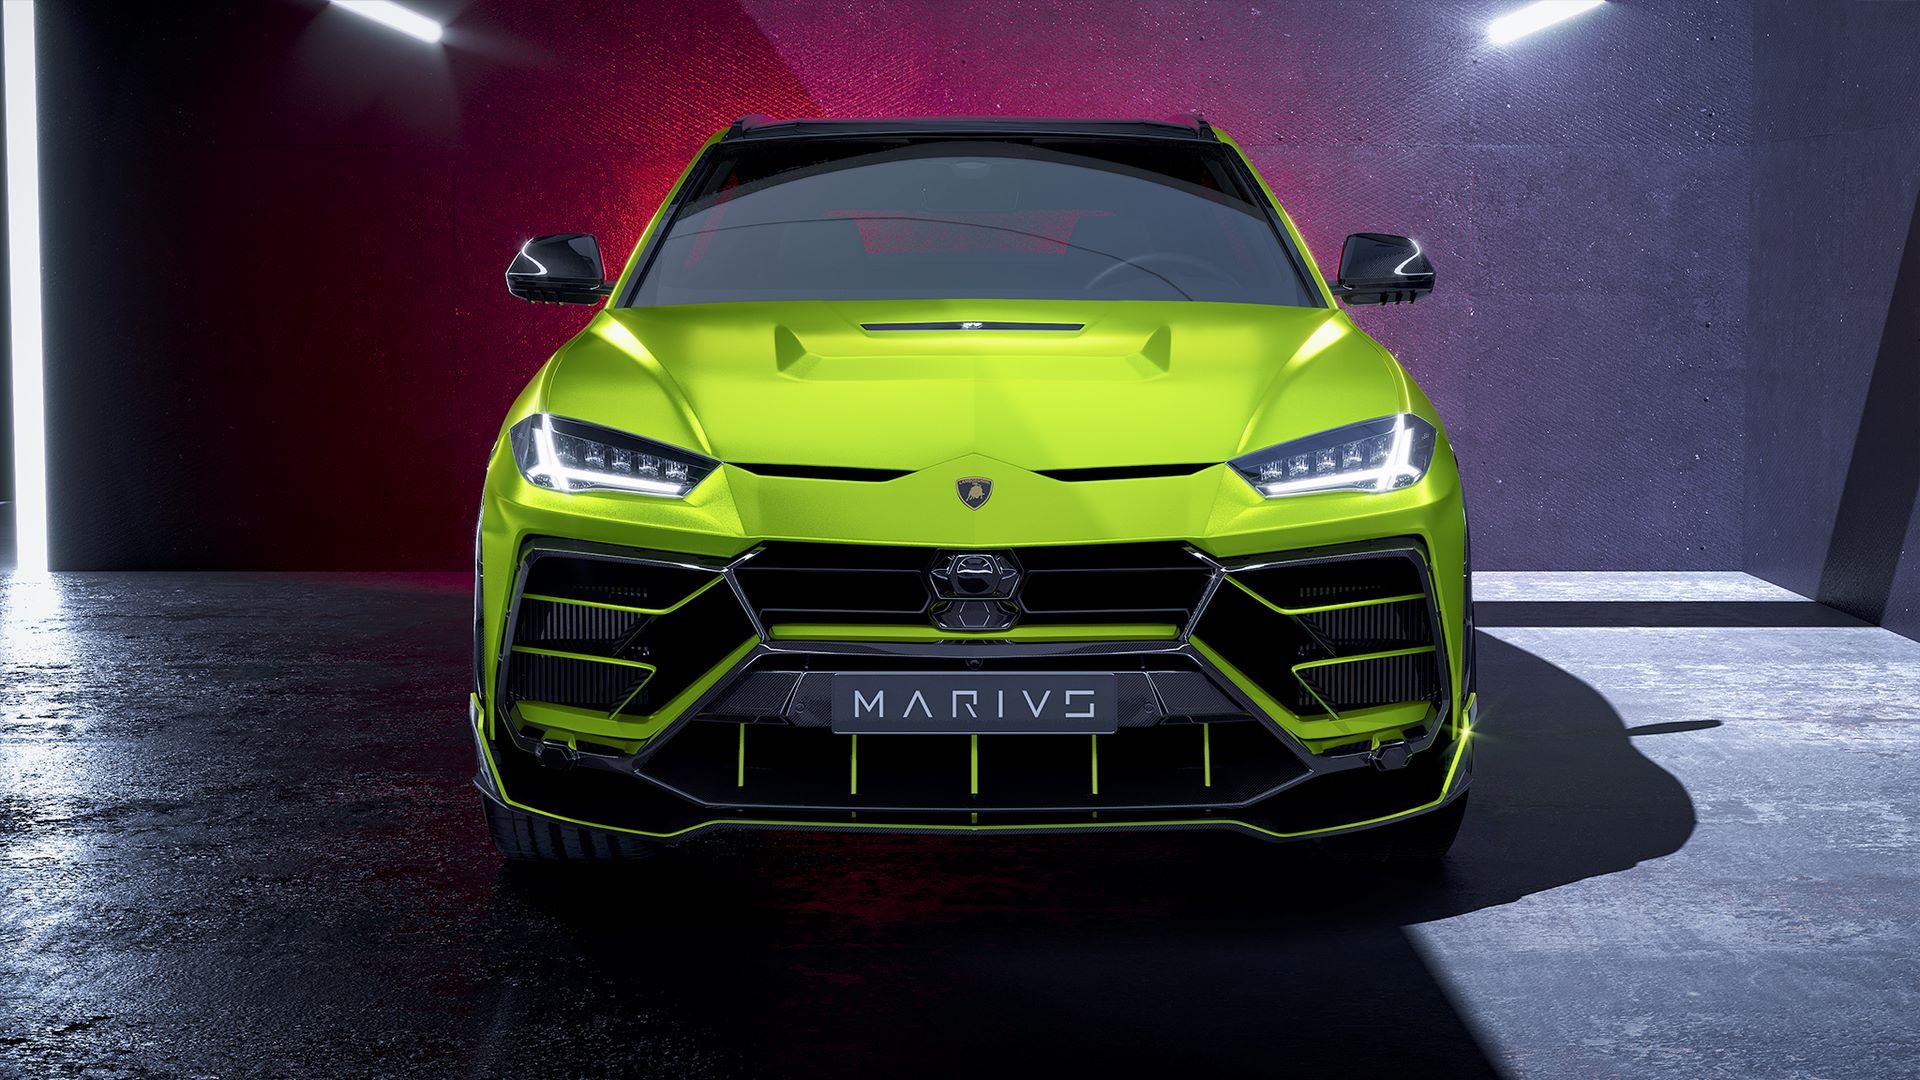 Lamborghini-Urus-by-Marius-Designhaus-5